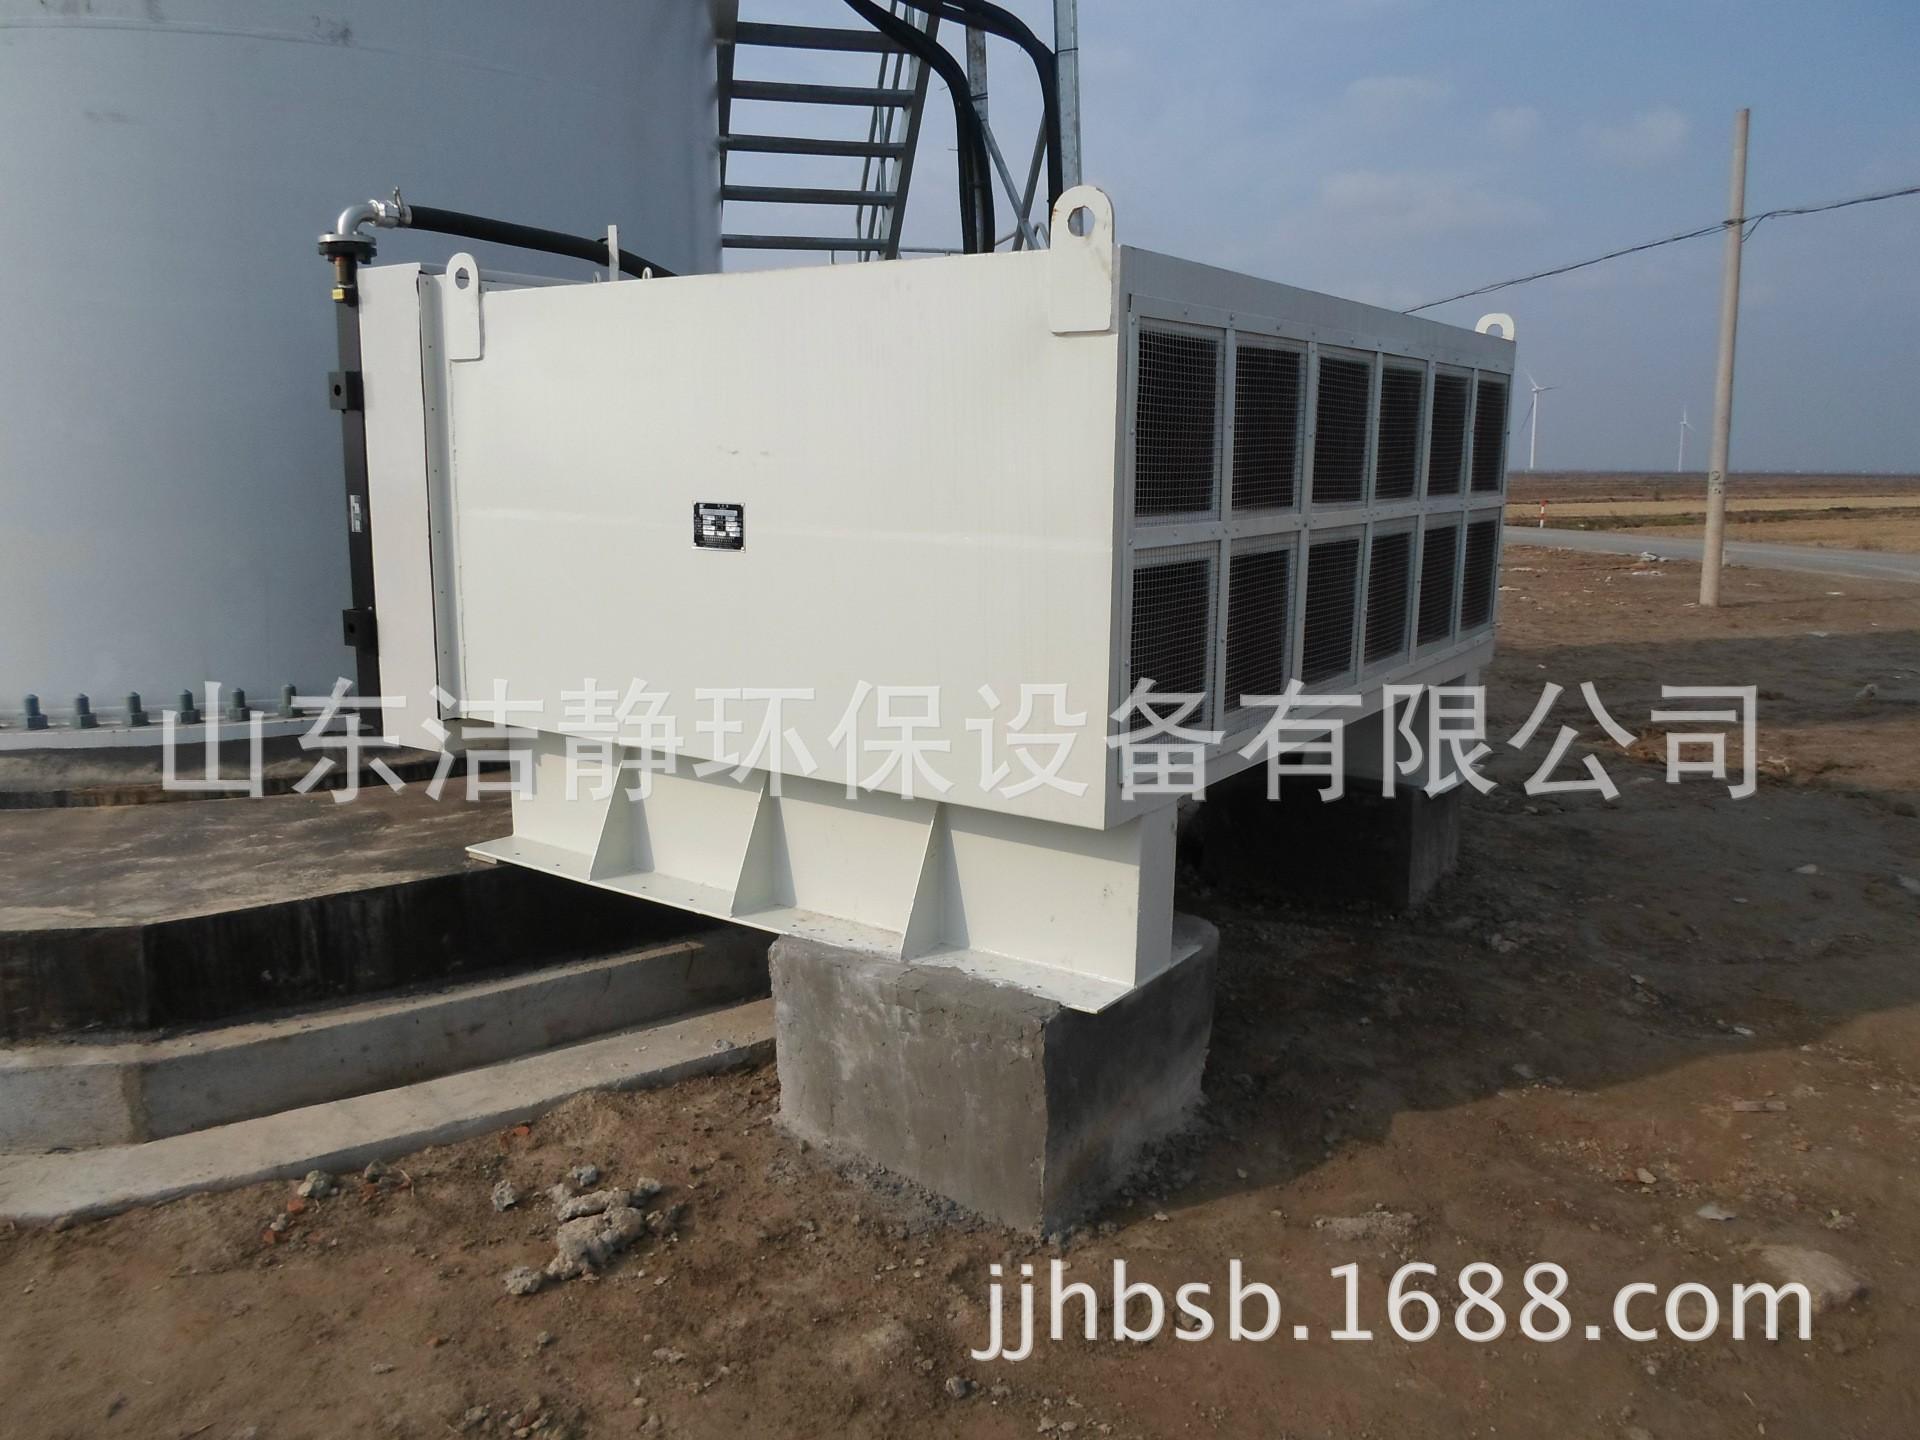 高价销售矿用风机消声器 LGF型 化工,冶金,煤矿